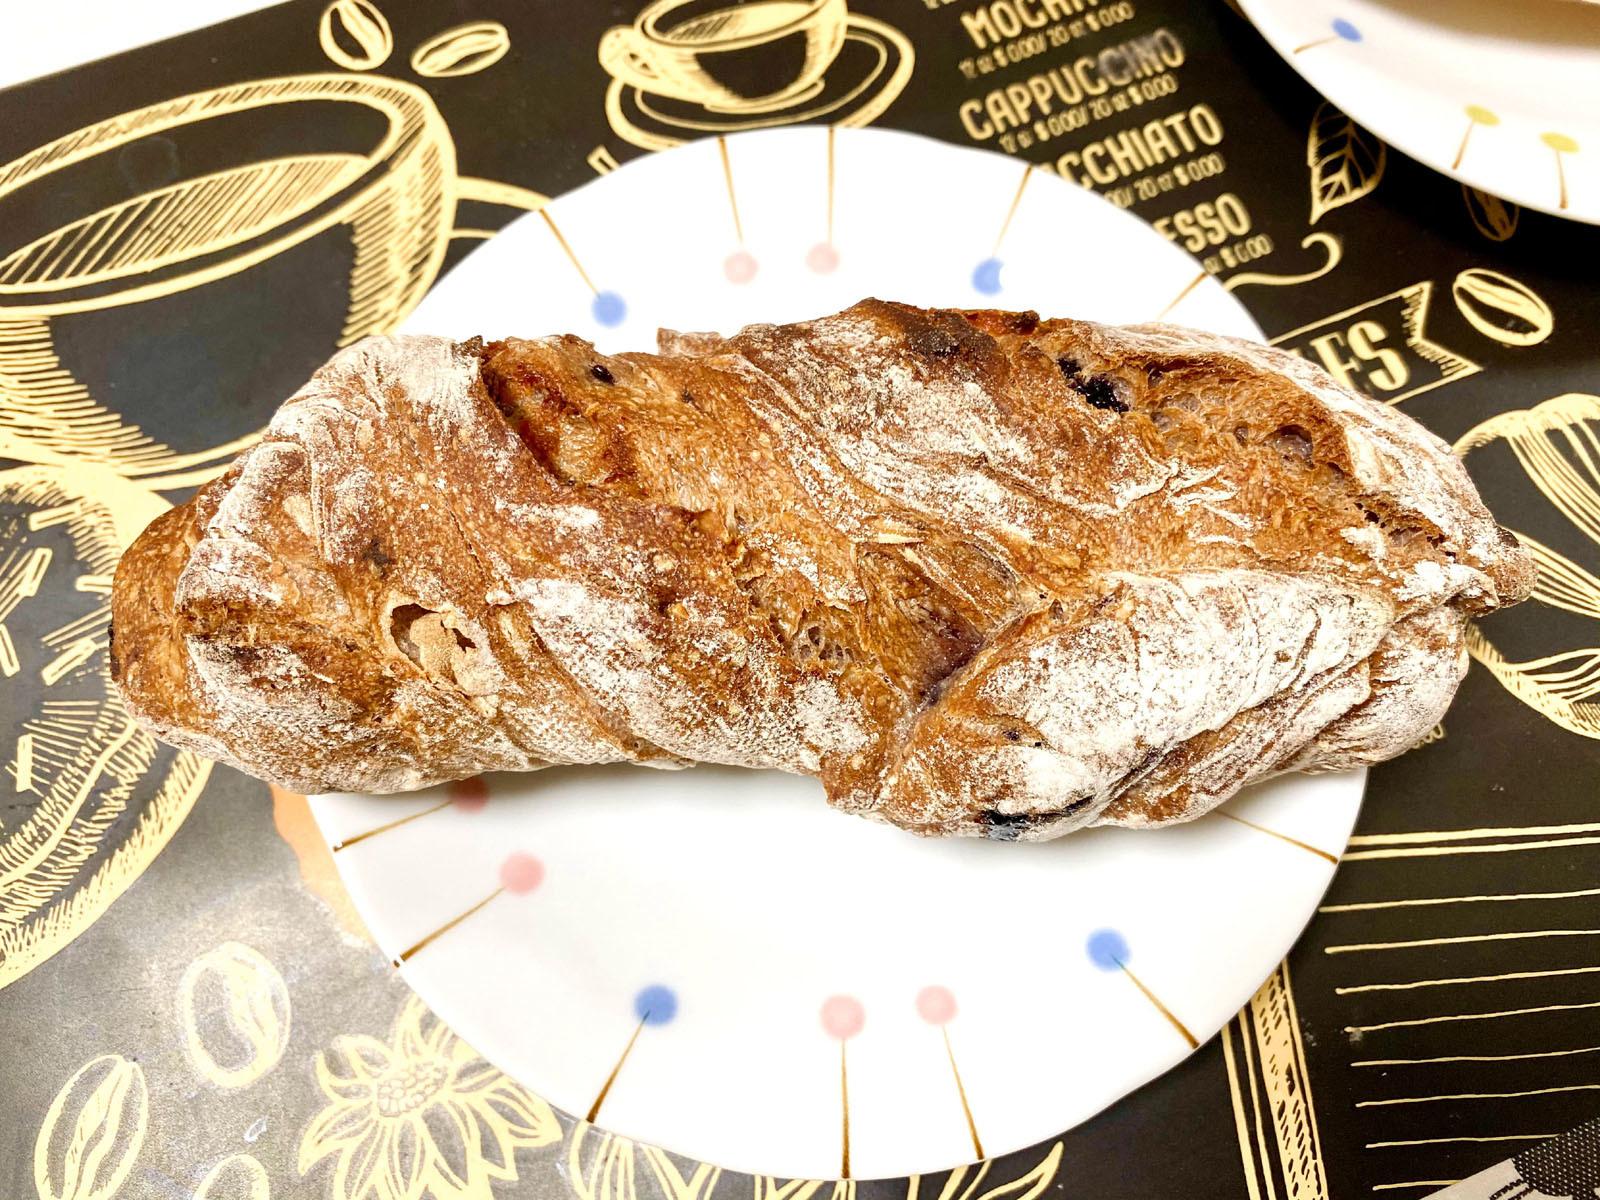 パン・ド・ロデヴ ブルーベリークリームチーズ 380円+税